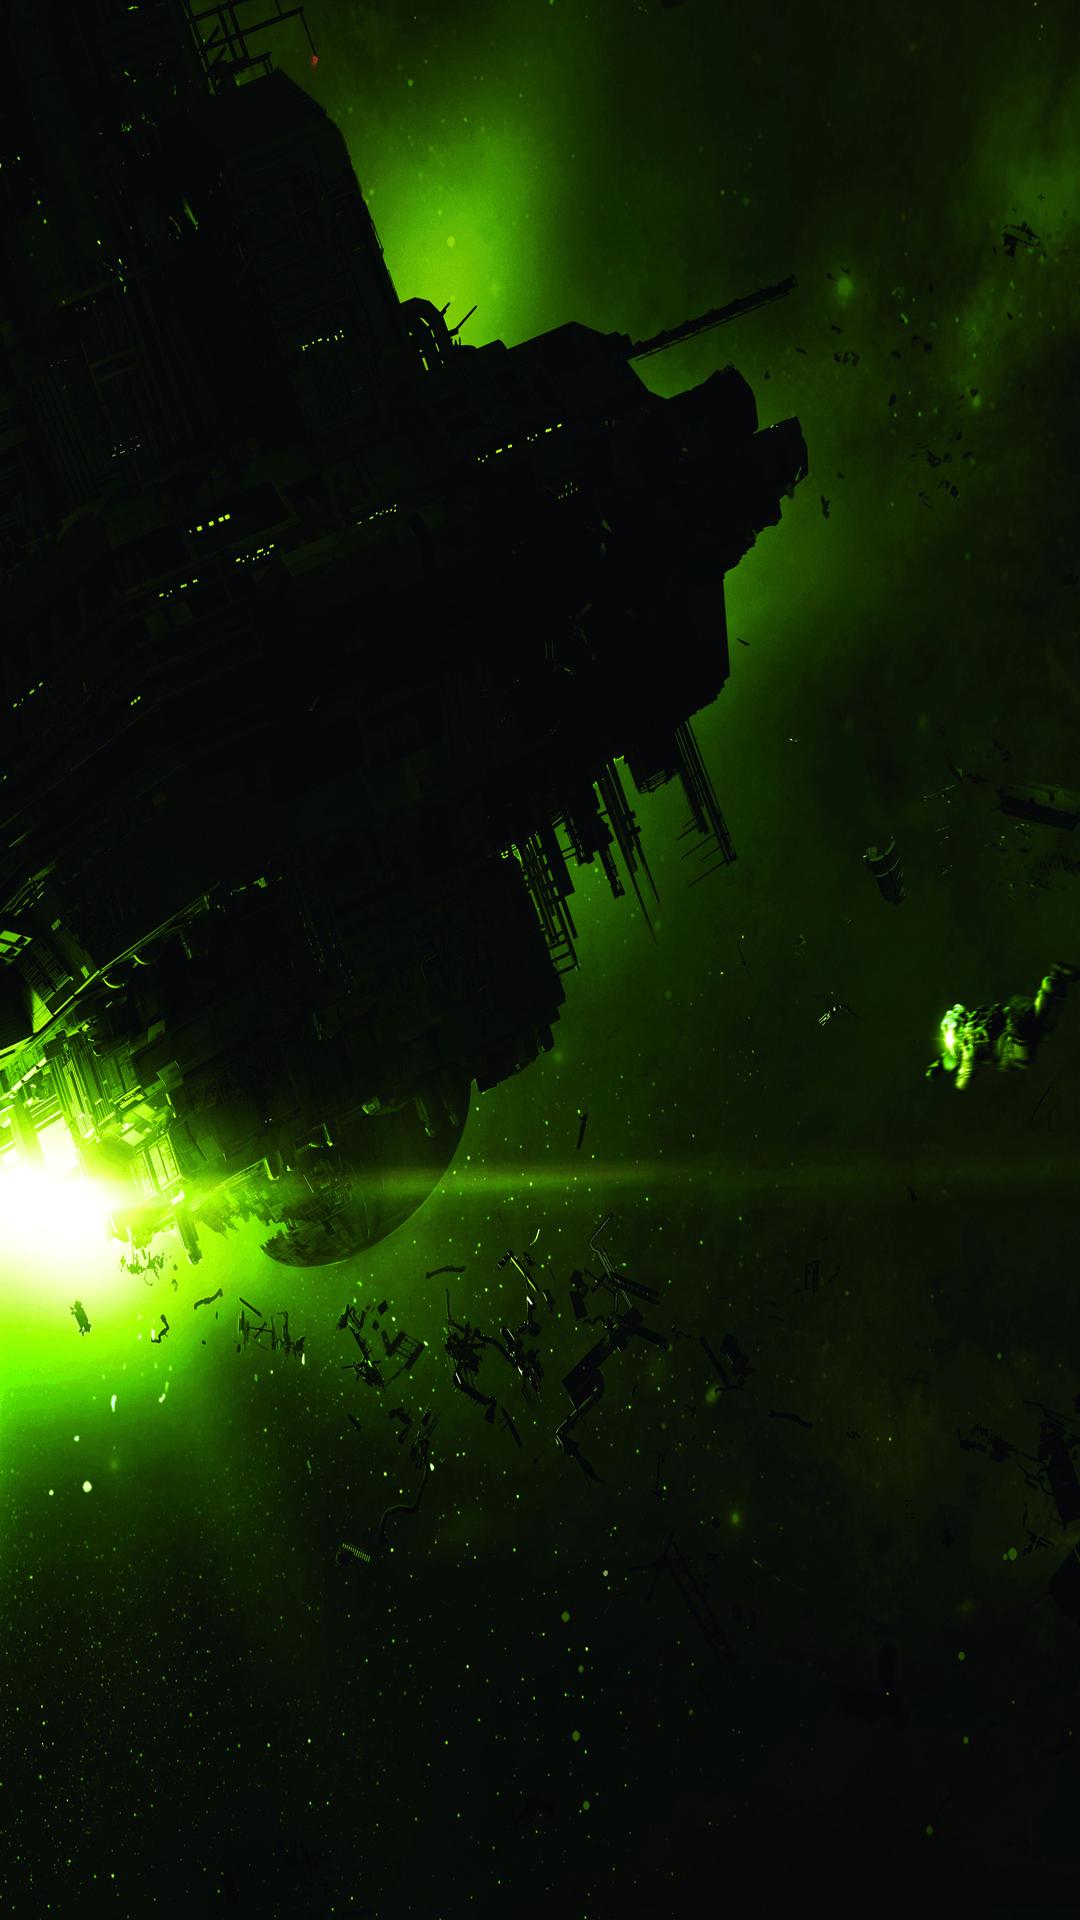 Pin By Steven Thompson On Alien In 2020 Alien Isolation Alien Iphone Wallpaper Alien